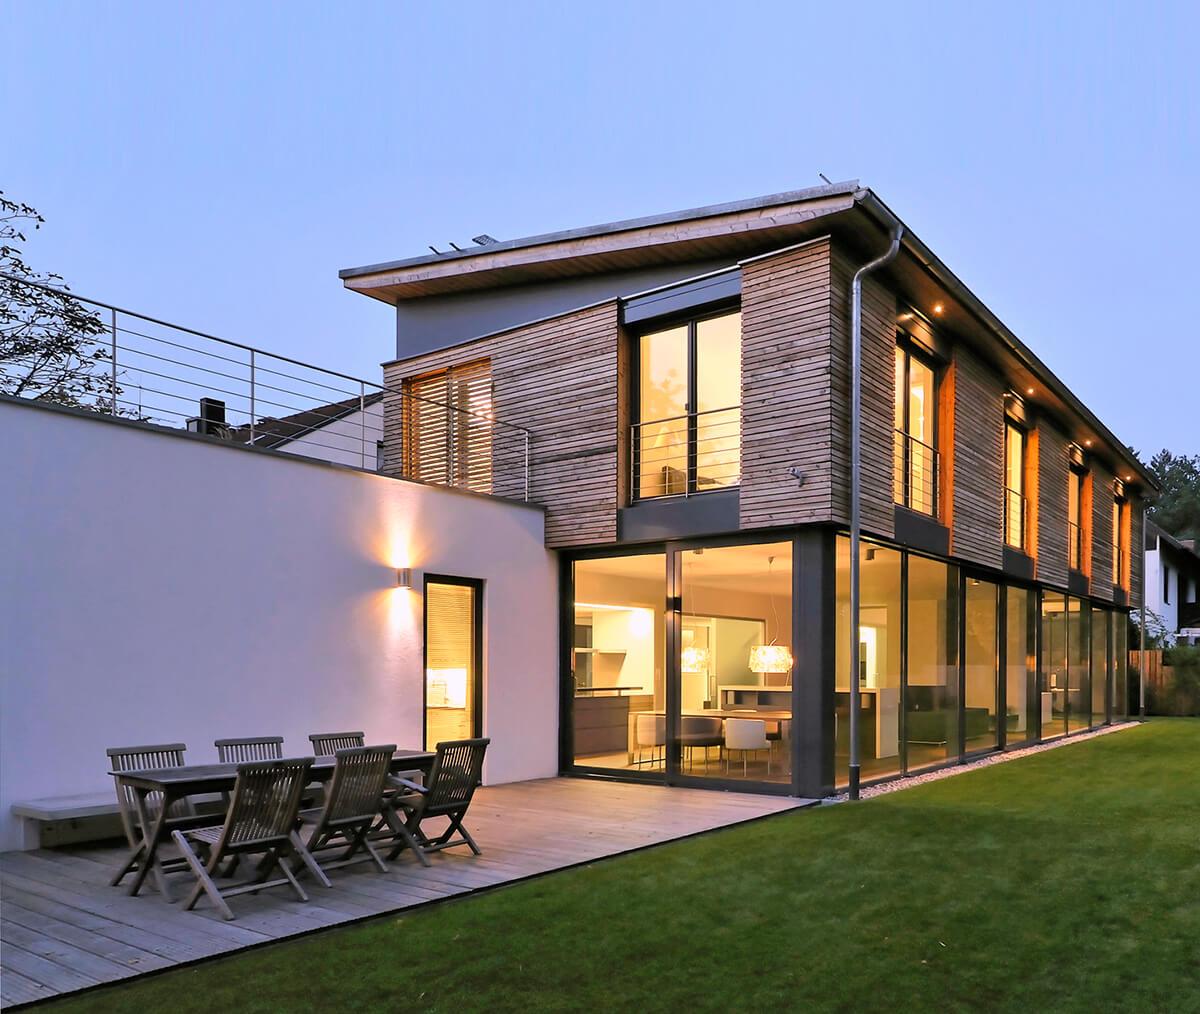 Architektur Innenarchitektur Wohnhaus K 01y